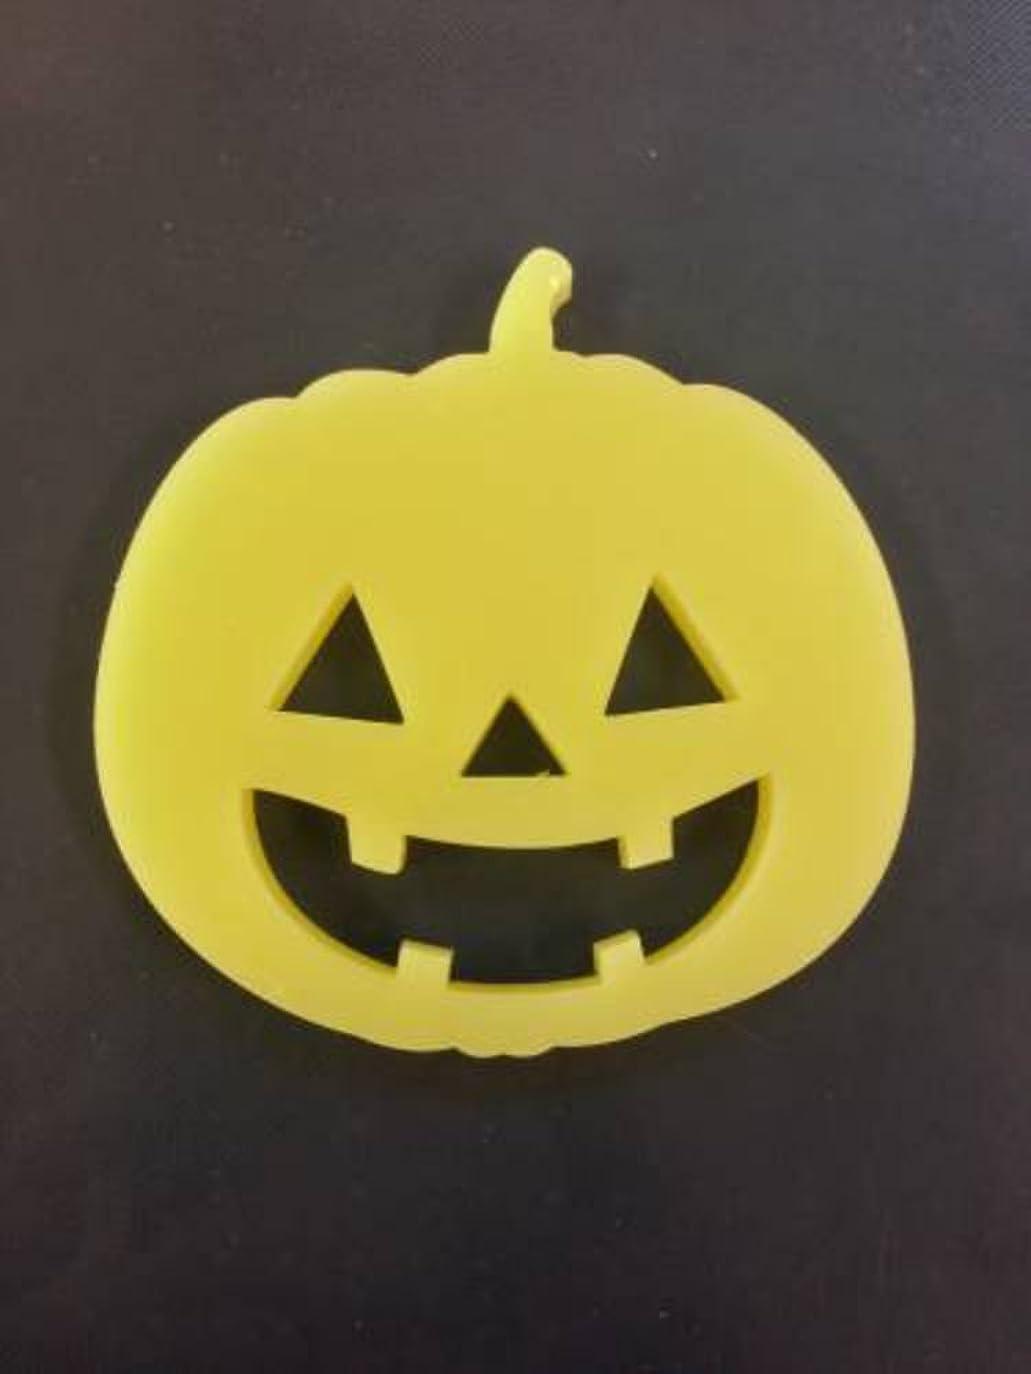 ファウルプレゼンテーションどうやってGRASSE TOKYO AROMATICWAXチャーム「ハロウィンかぼちゃ」(YE) ベルガモット アロマティックワックス グラーストウキョウ